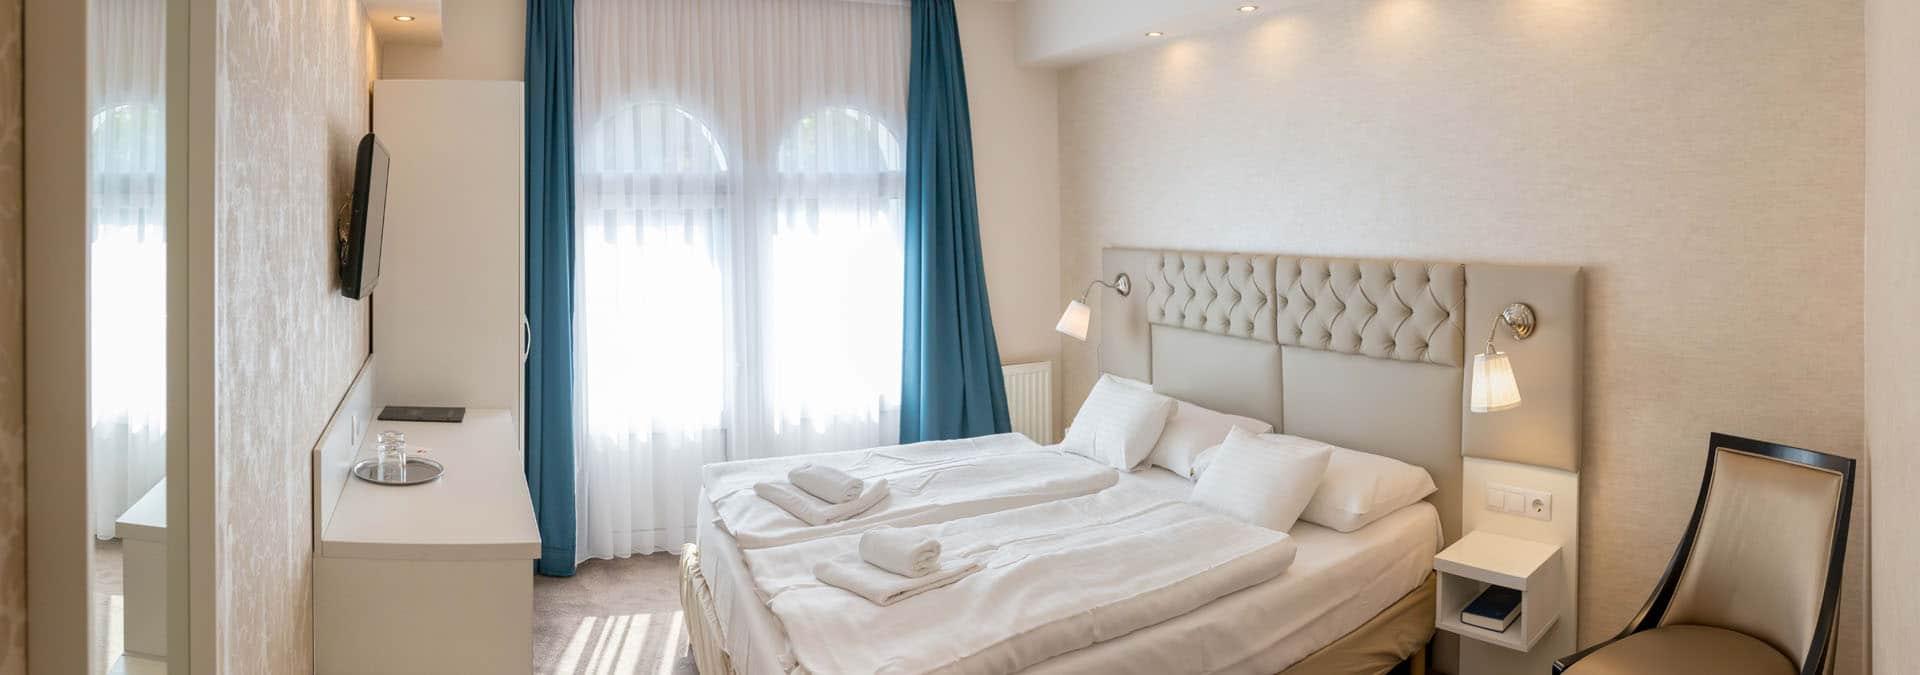 bastya-hotel-szobak